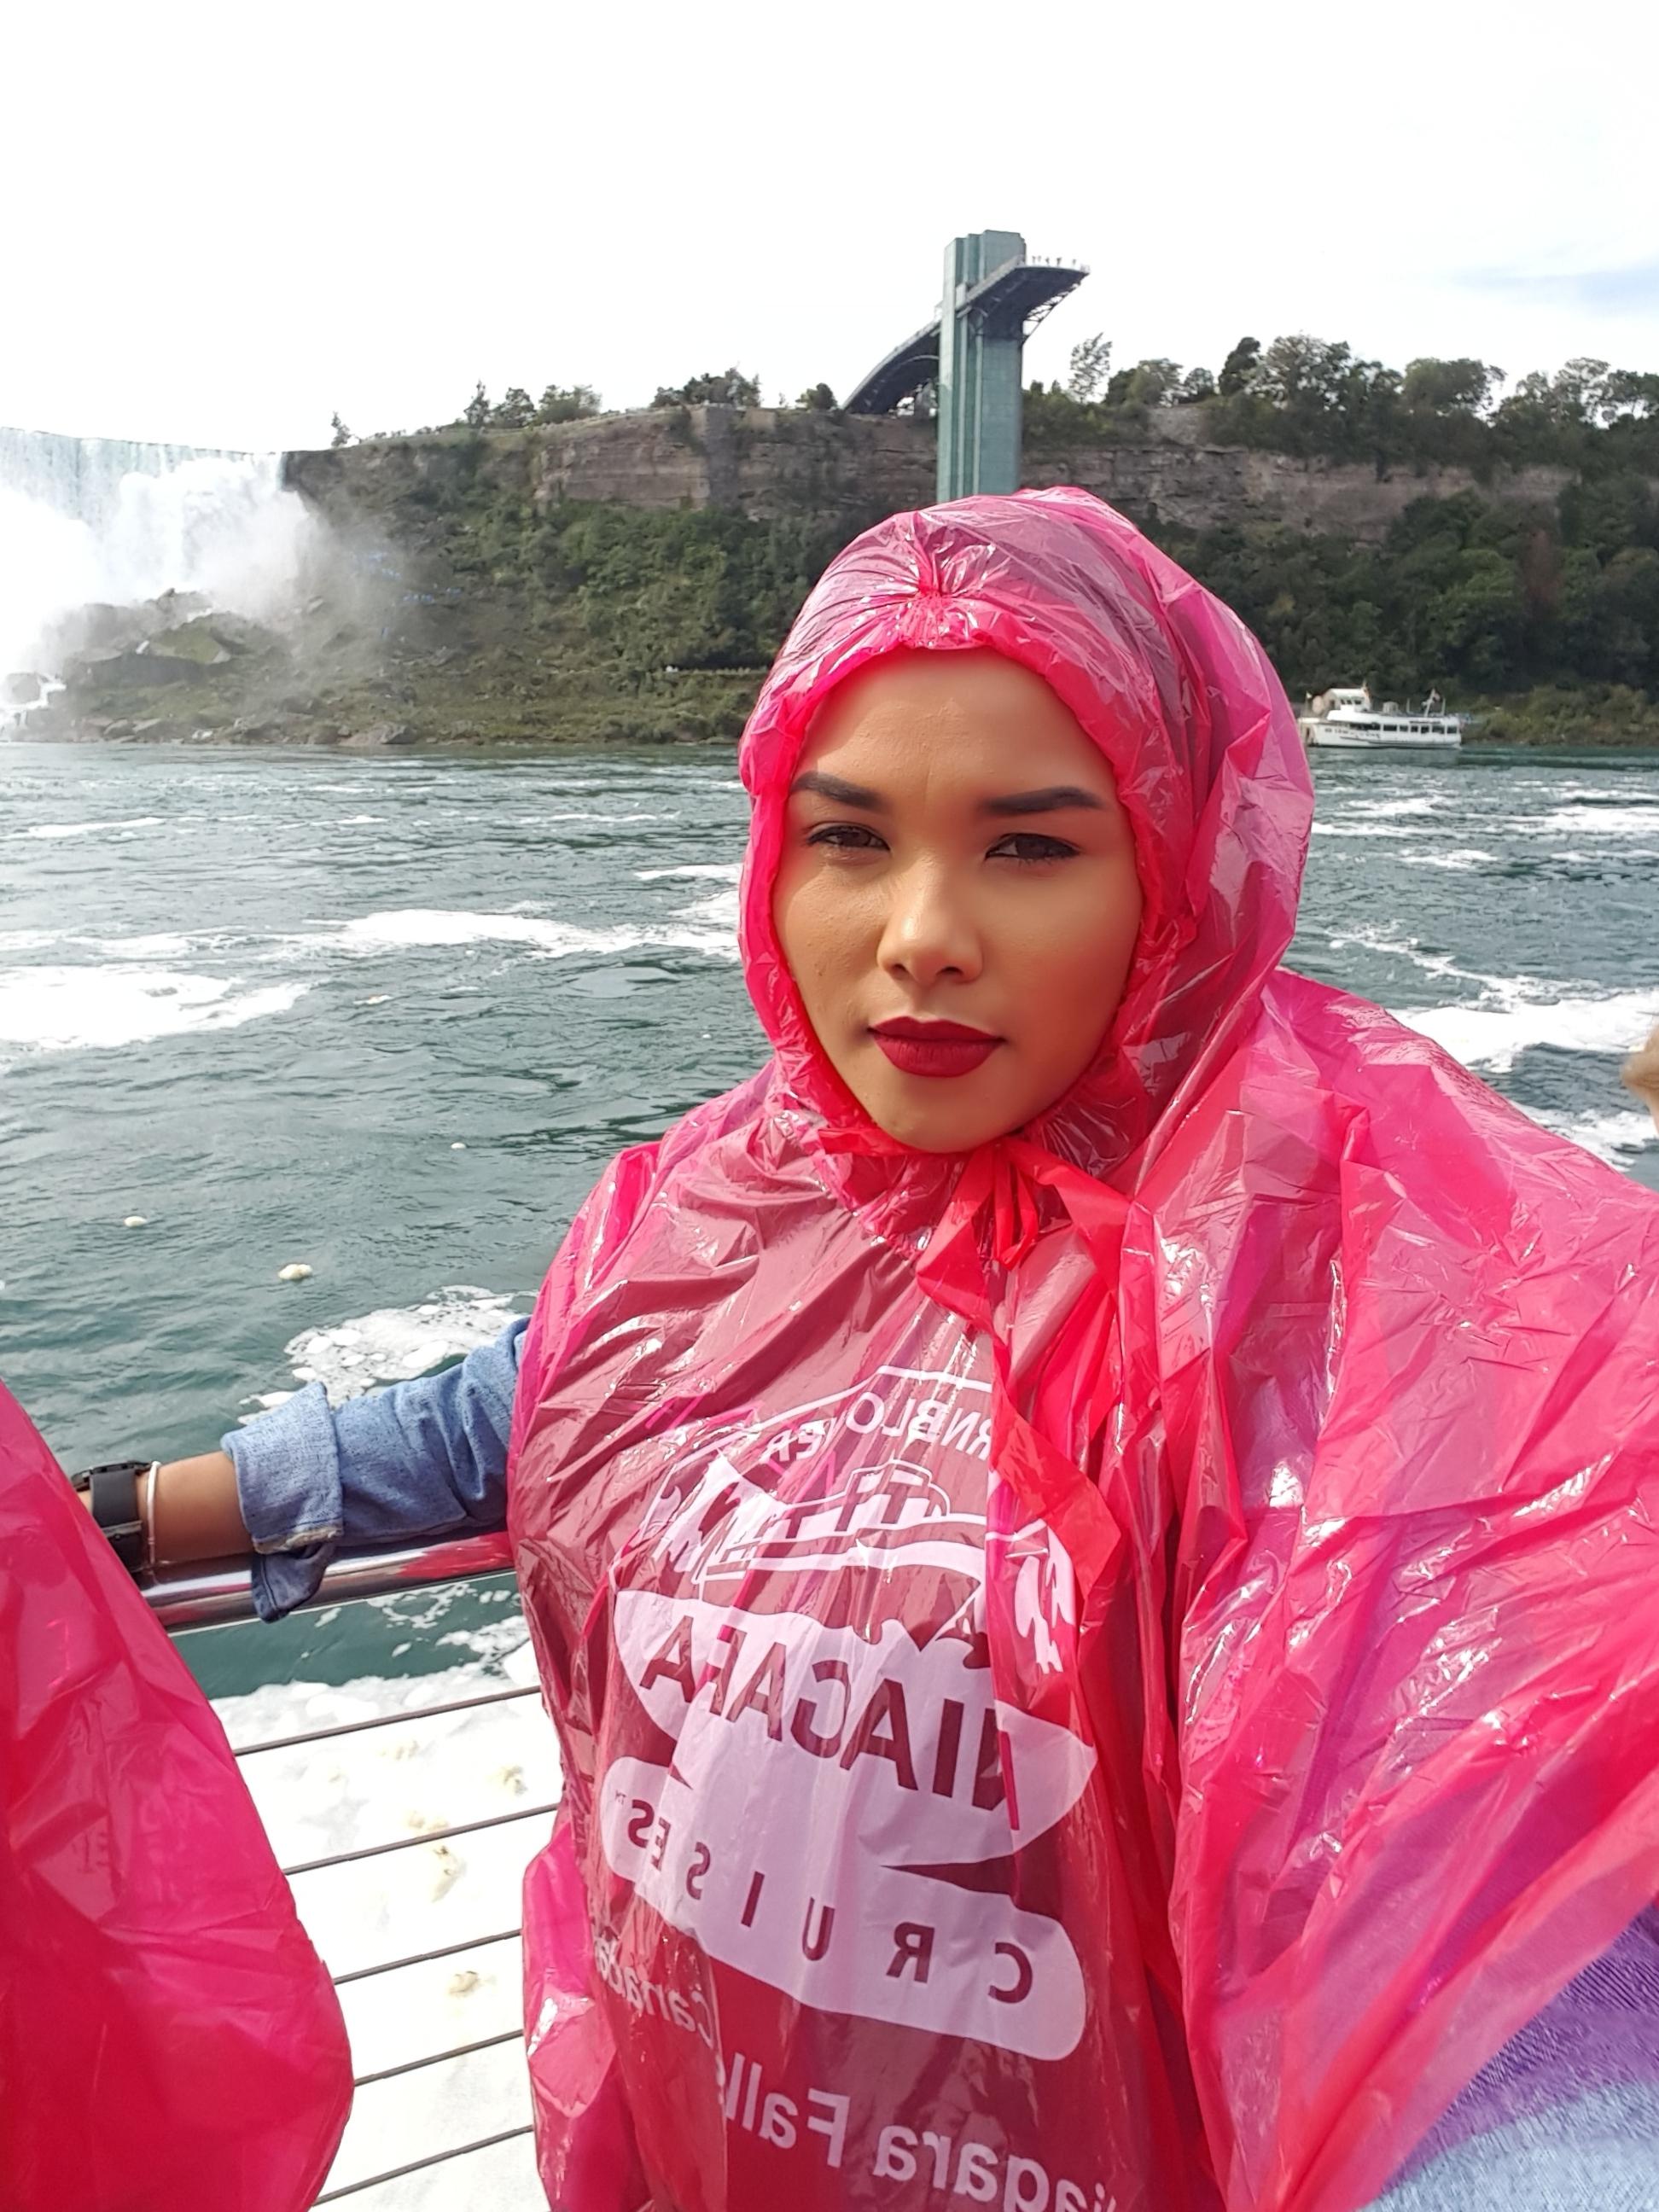 Hornblower cruise at Niagara Falls